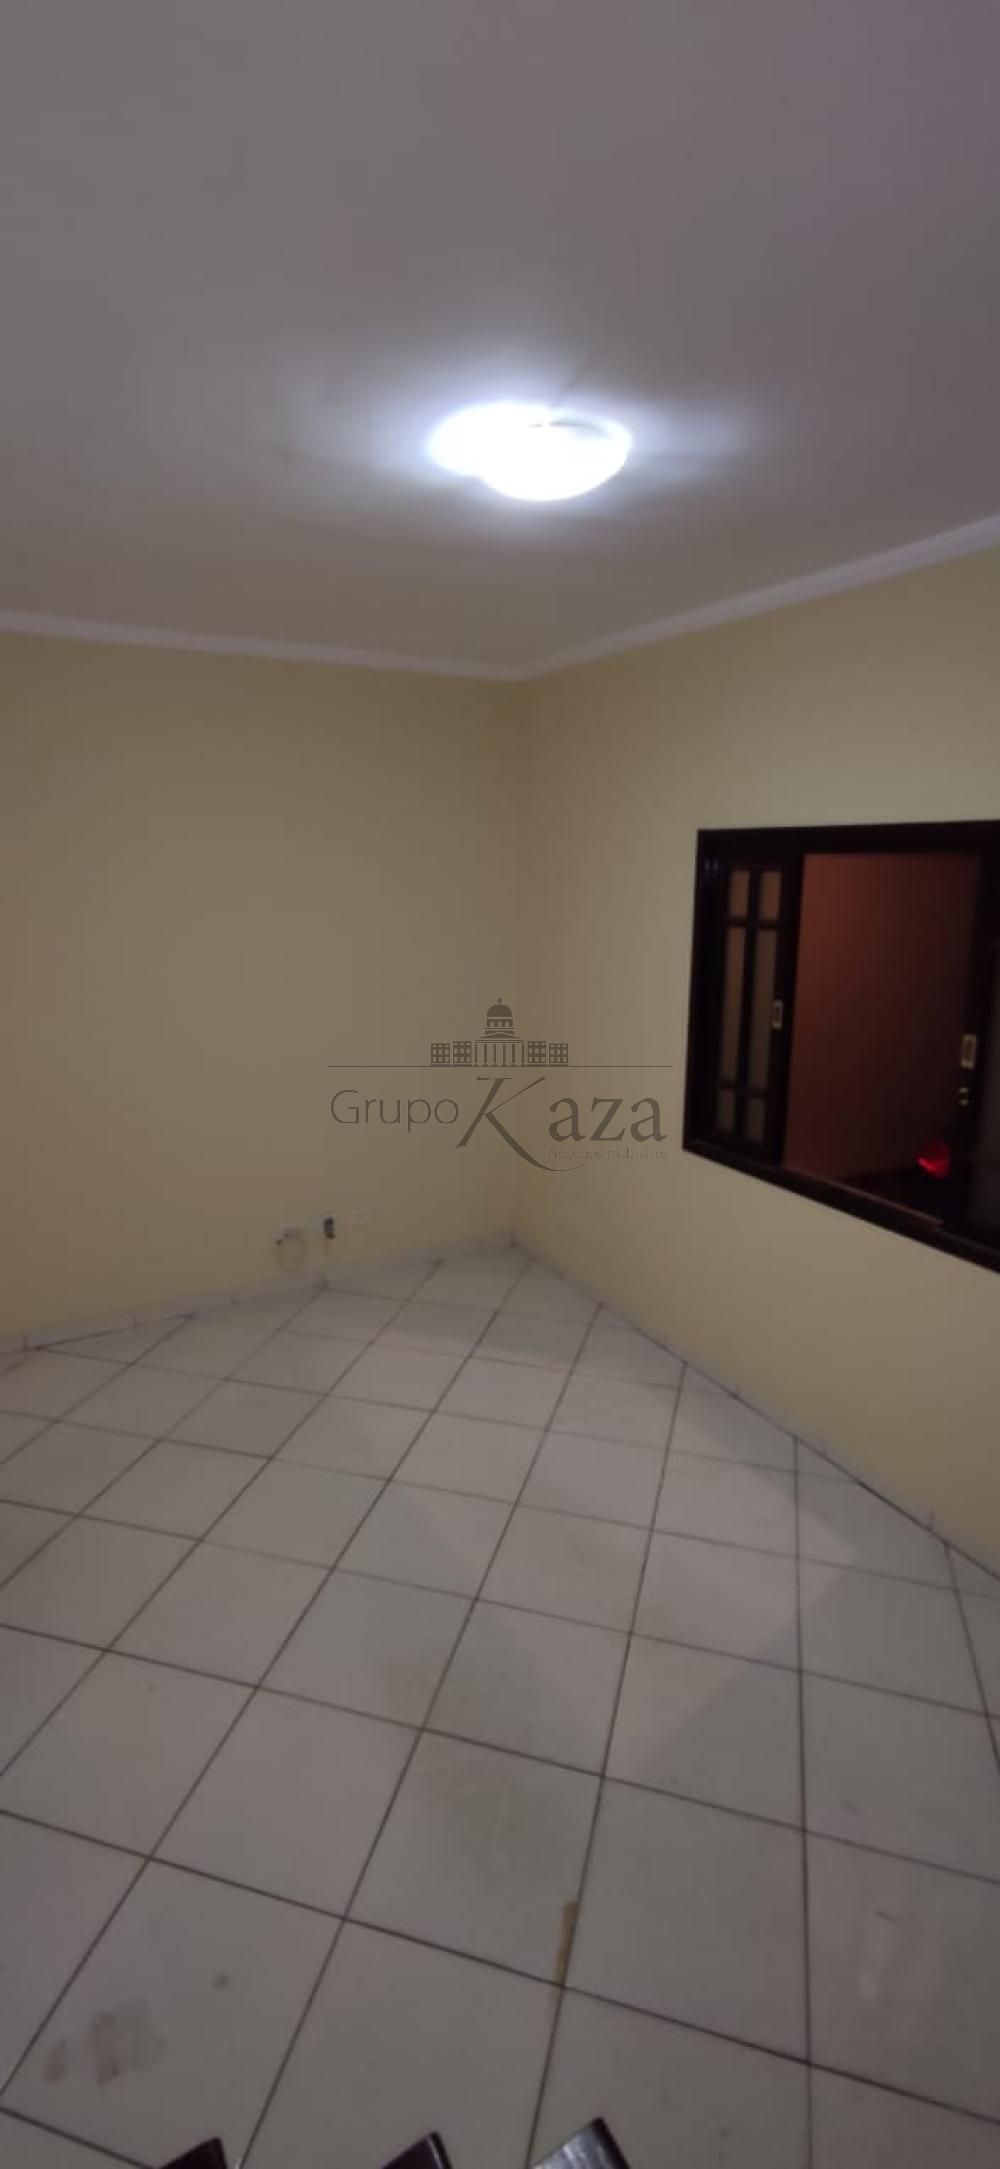 alt='Comprar Casa / Sobrado em São José dos Campos R$ 430.000,00 - Foto 4' title='Comprar Casa / Sobrado em São José dos Campos R$ 430.000,00 - Foto 4'